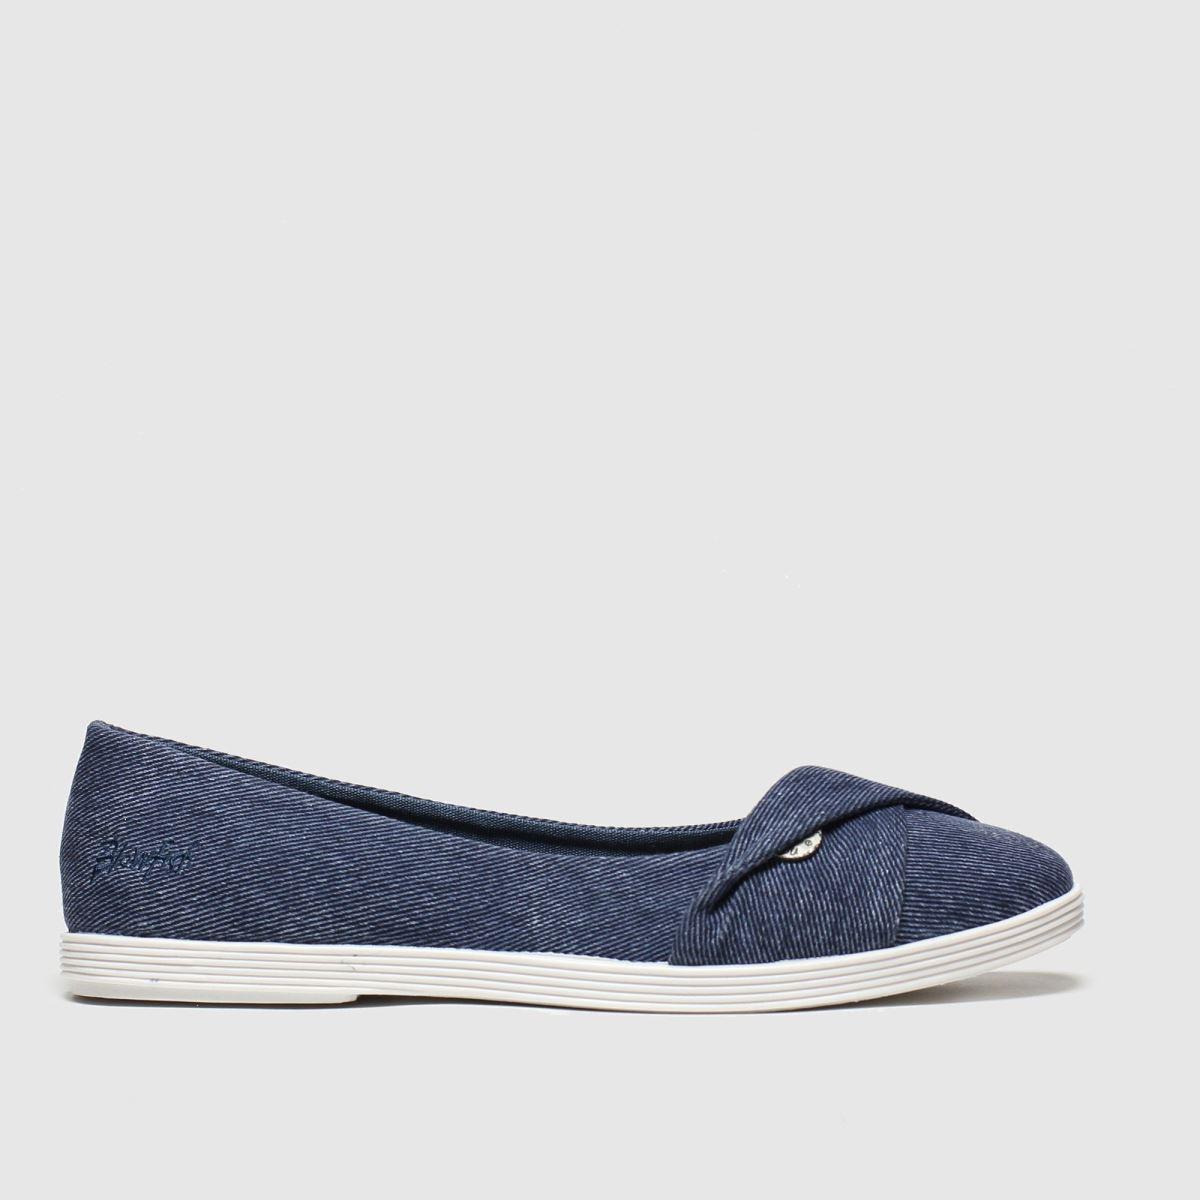 Blowfish Malibu Blue Tizzy Flat Shoes